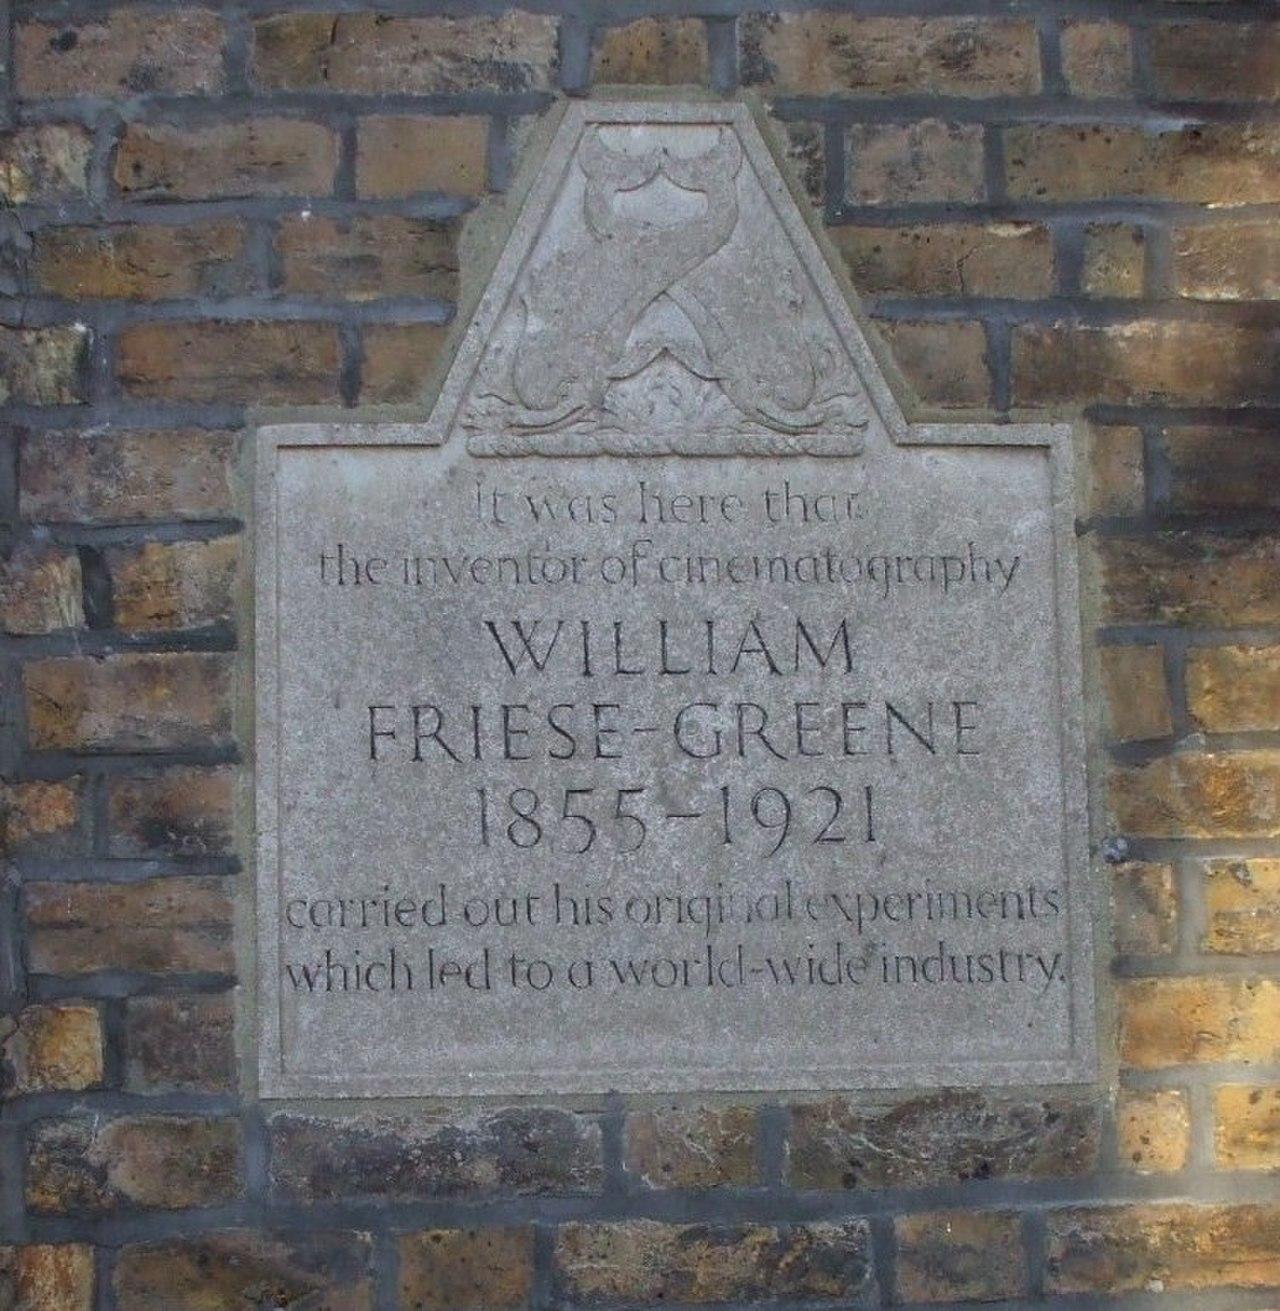 Мемориальная доска в честь Уильям Фризе-Грин